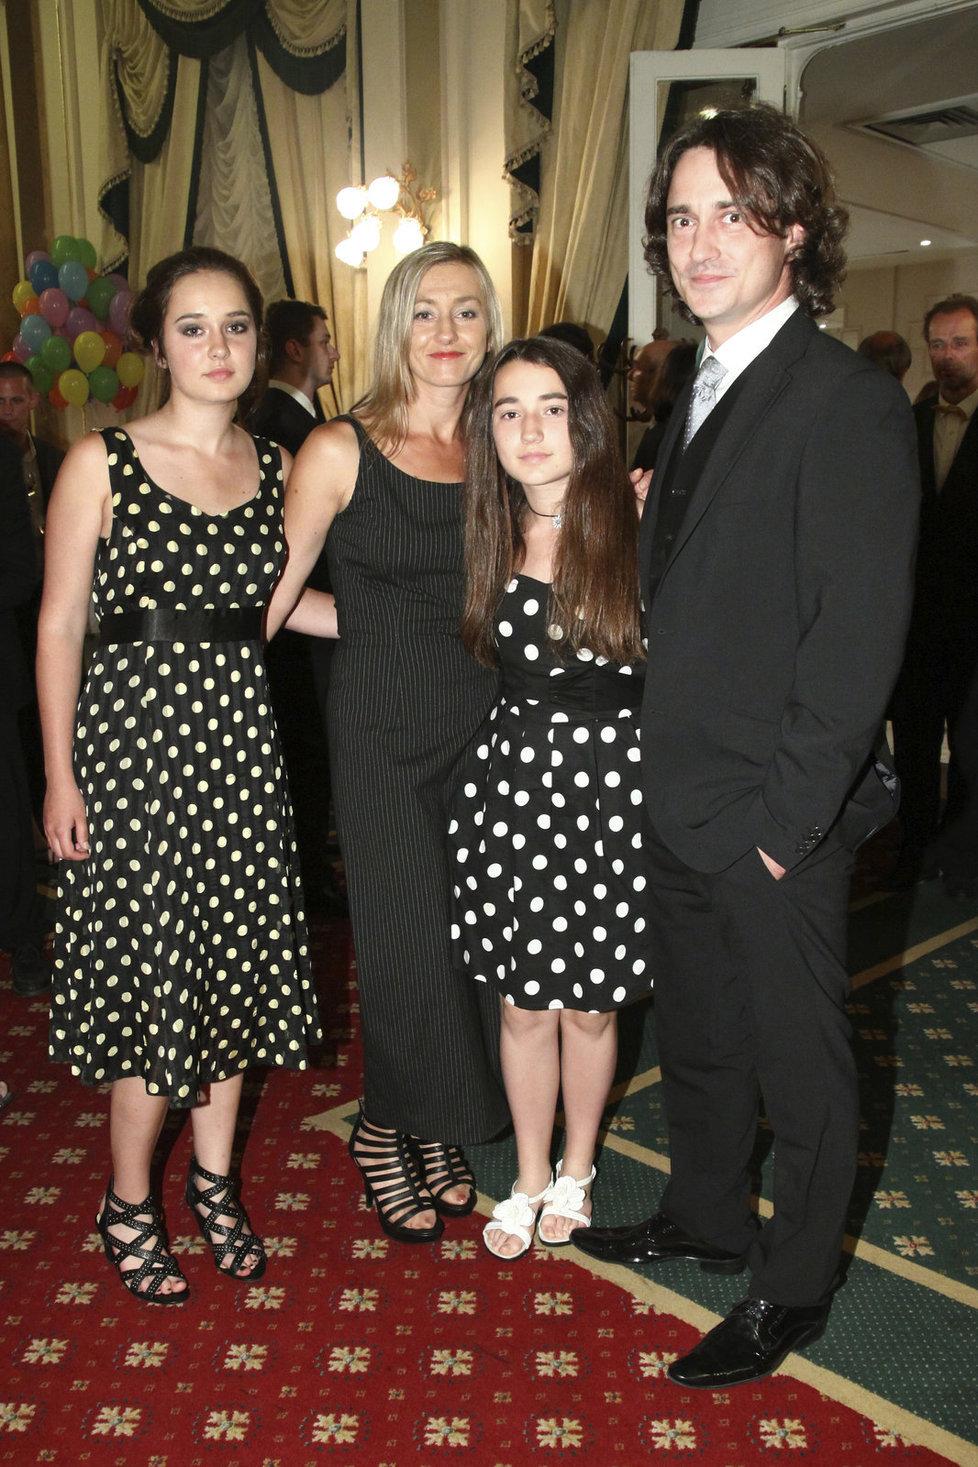 Ještě jako šťastná rodinka - Saša Rašilov, manželka Vanda Hybnerová a obě jejich dcery.